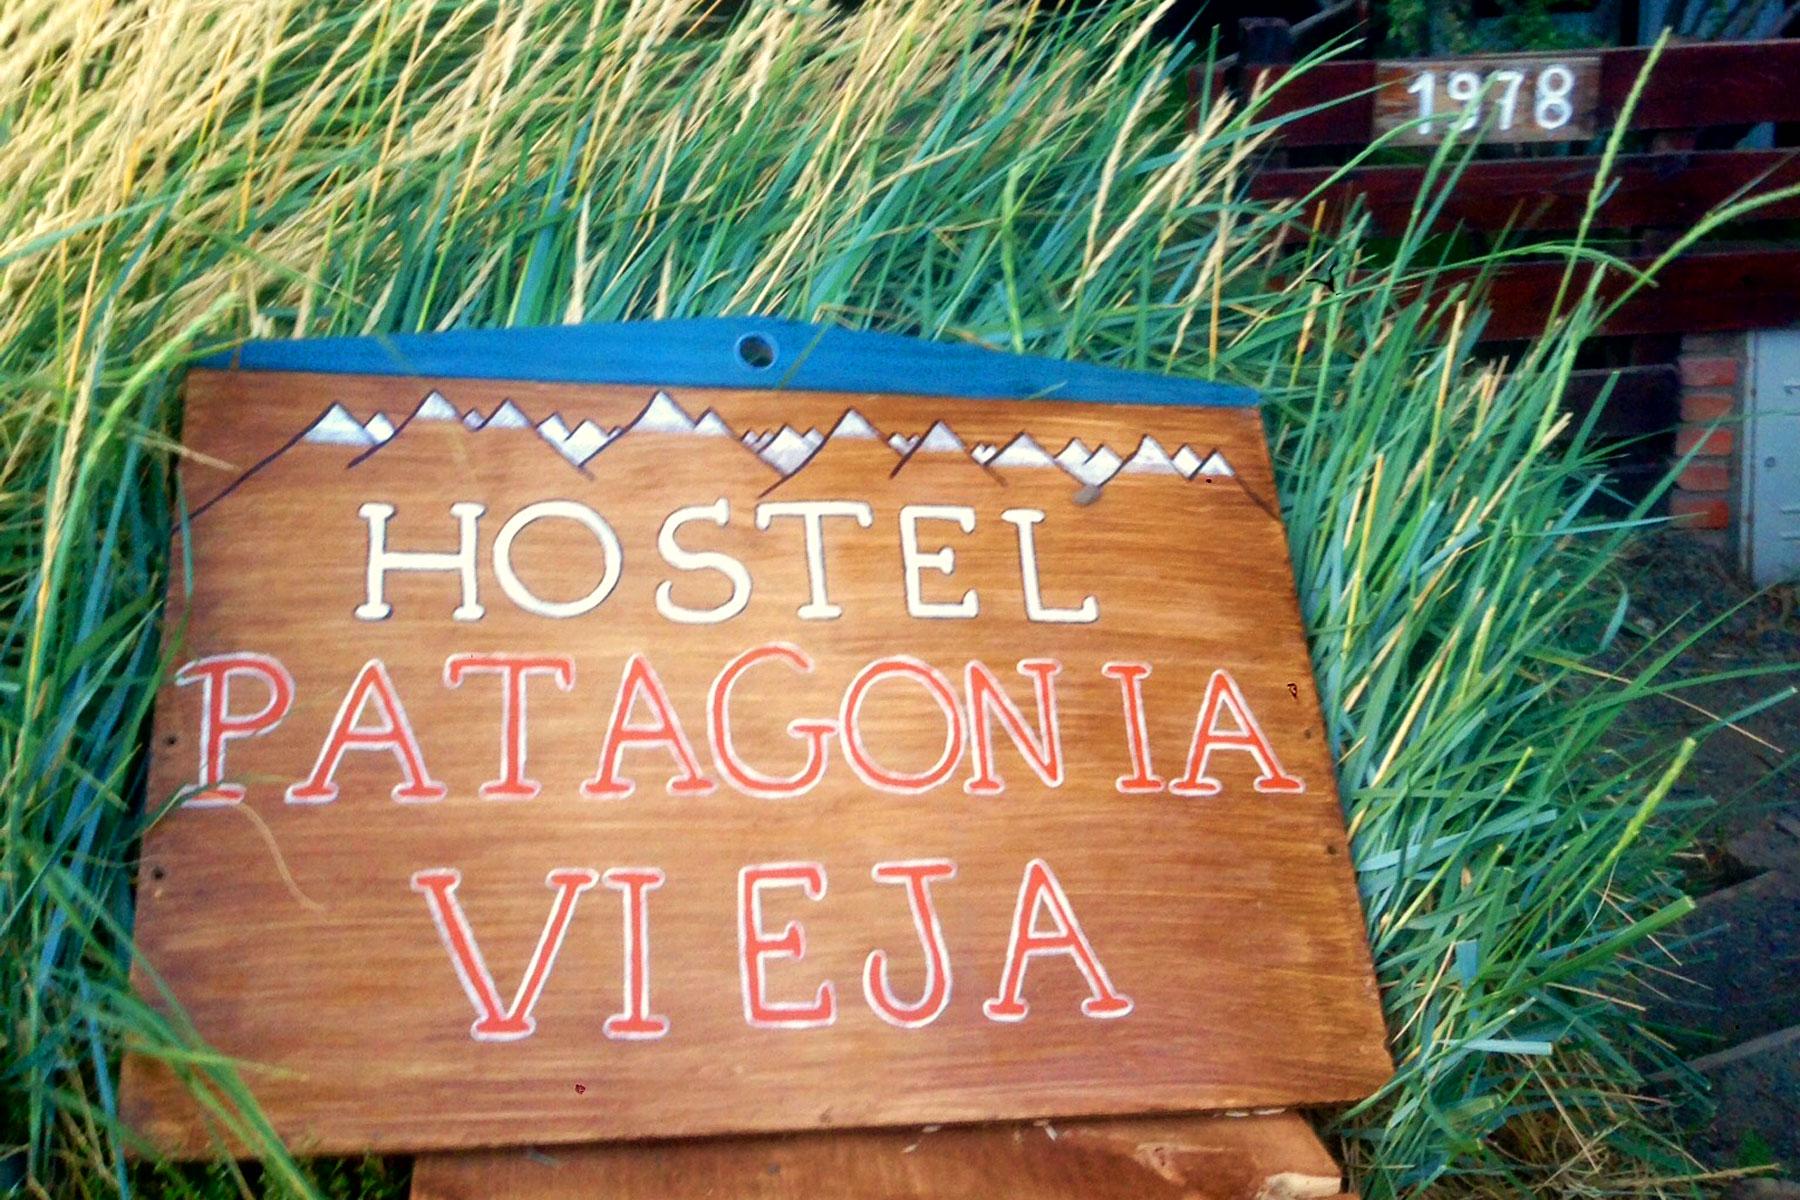 Hostel Patagonia Vieja, El Calafate, Argentina